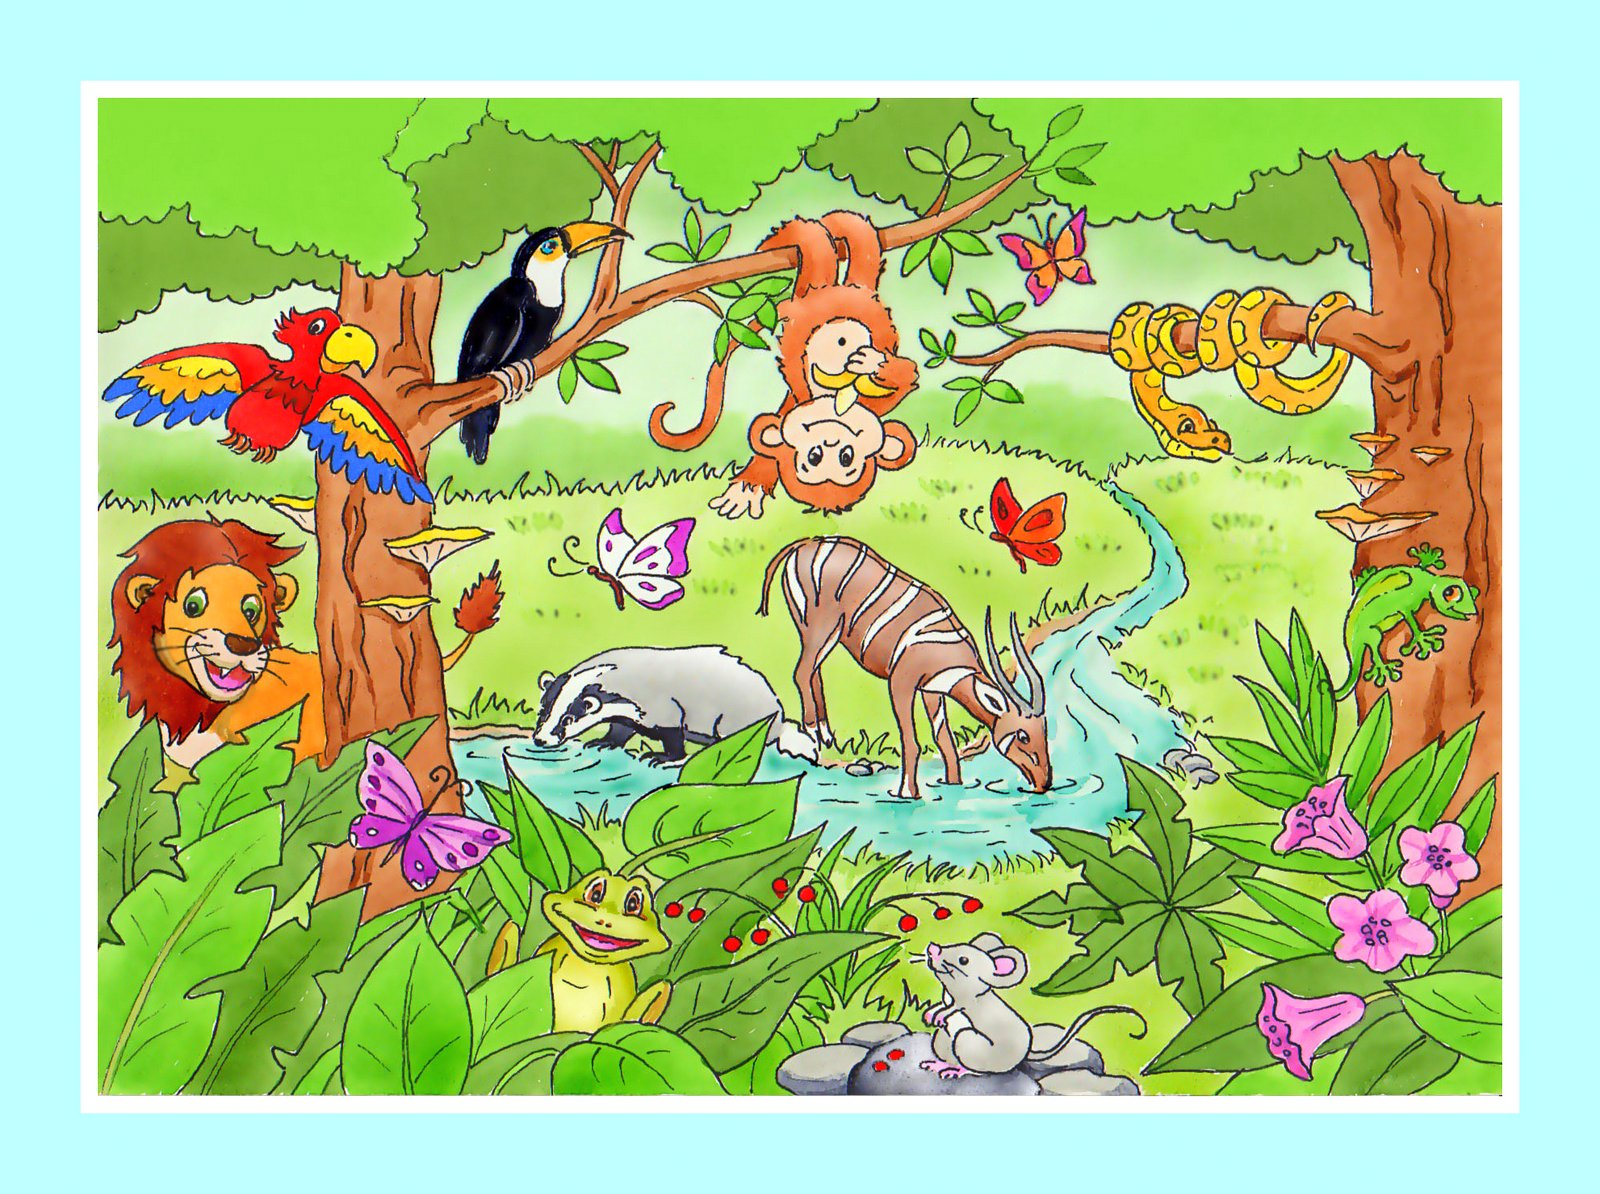 Przygoda w tajemniczej dżungli